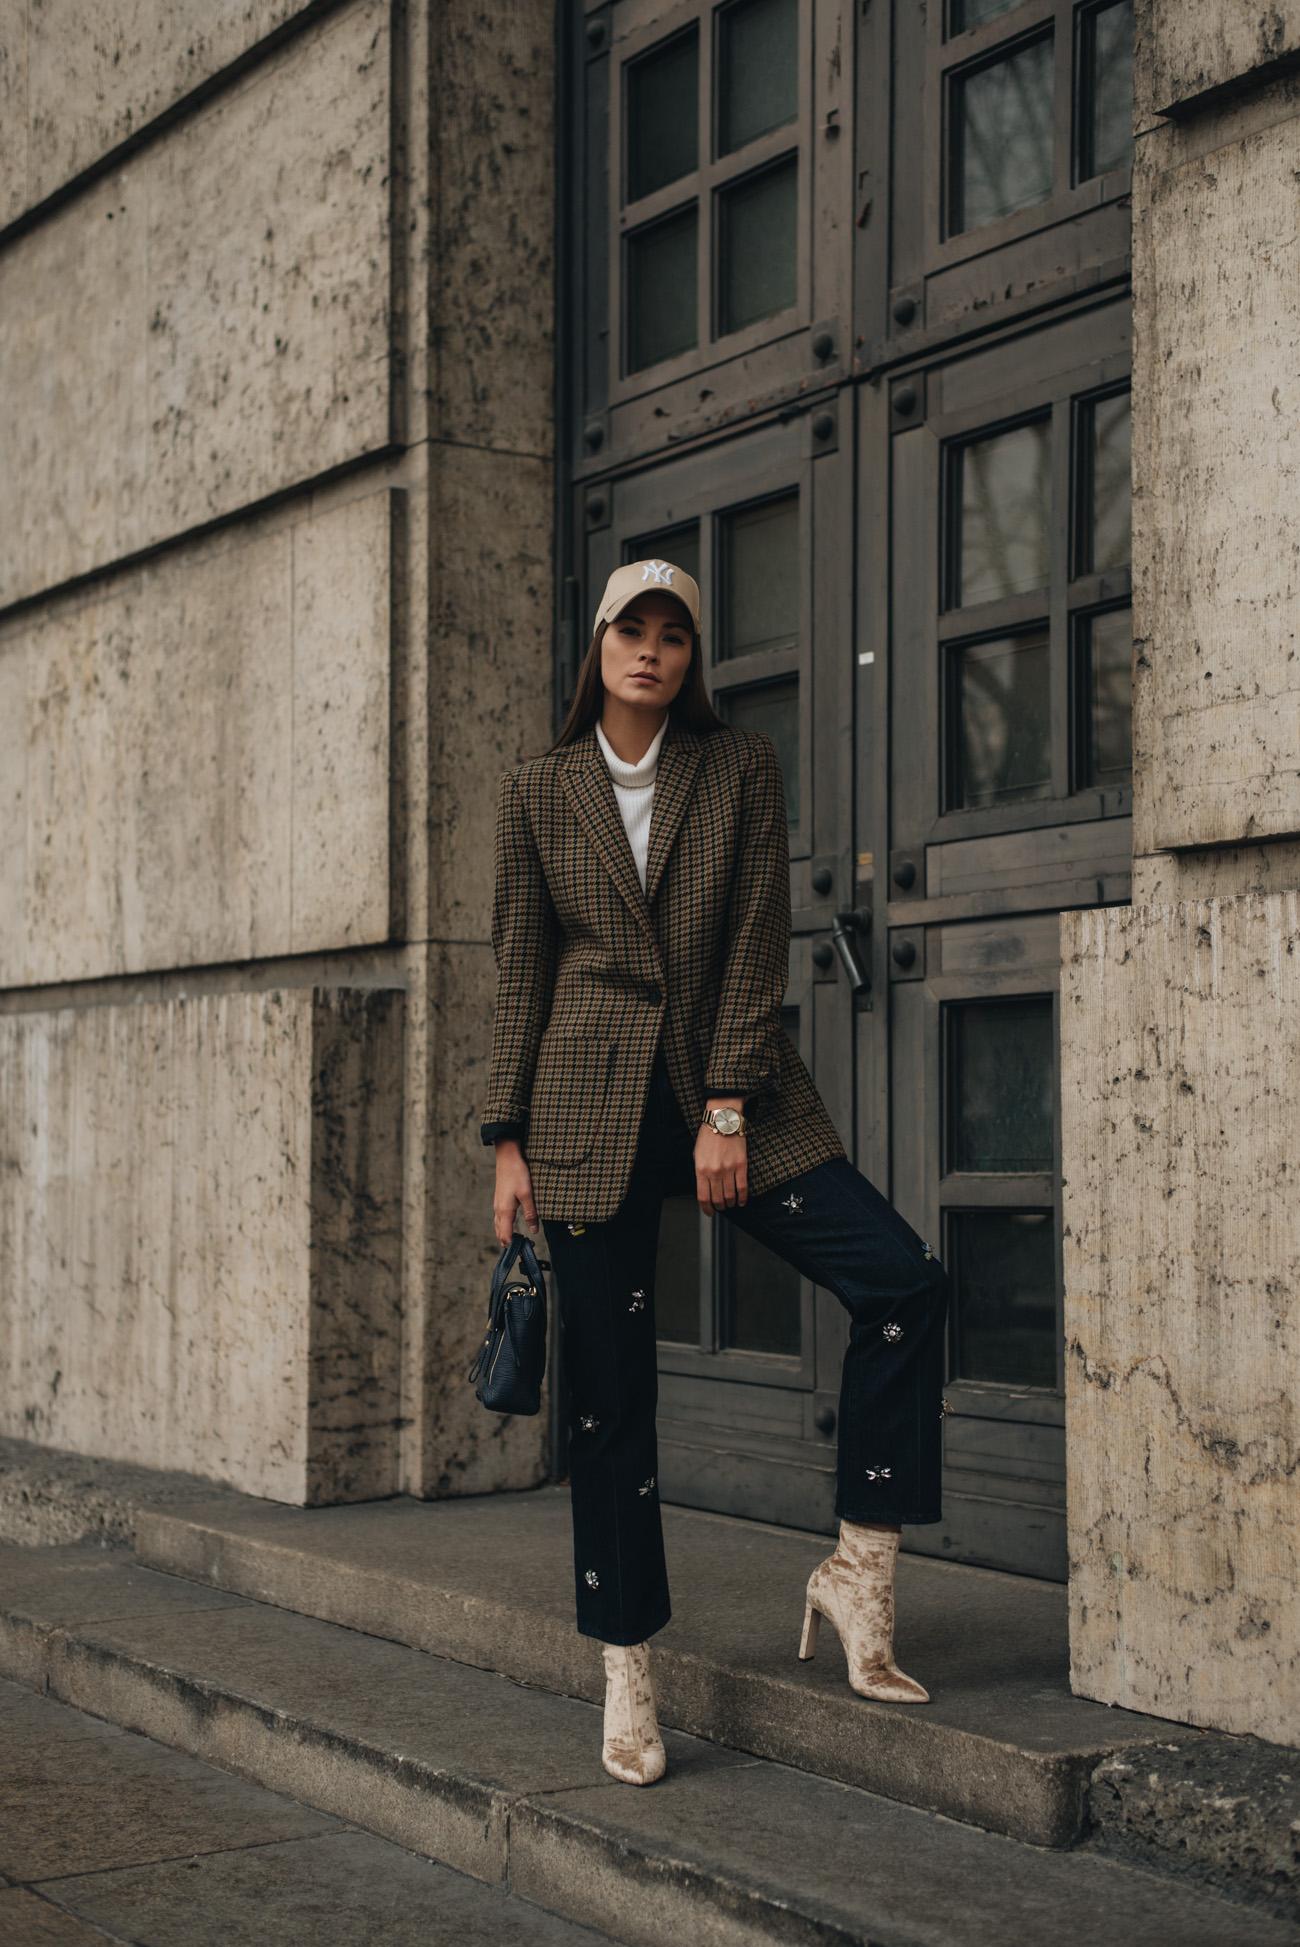 Mode-Trends-2018-Herbst-Winter-Nina-Schwichtenberg-mode-und-beauty-bloggerin-deutschland-münchen-fashiioncarpet